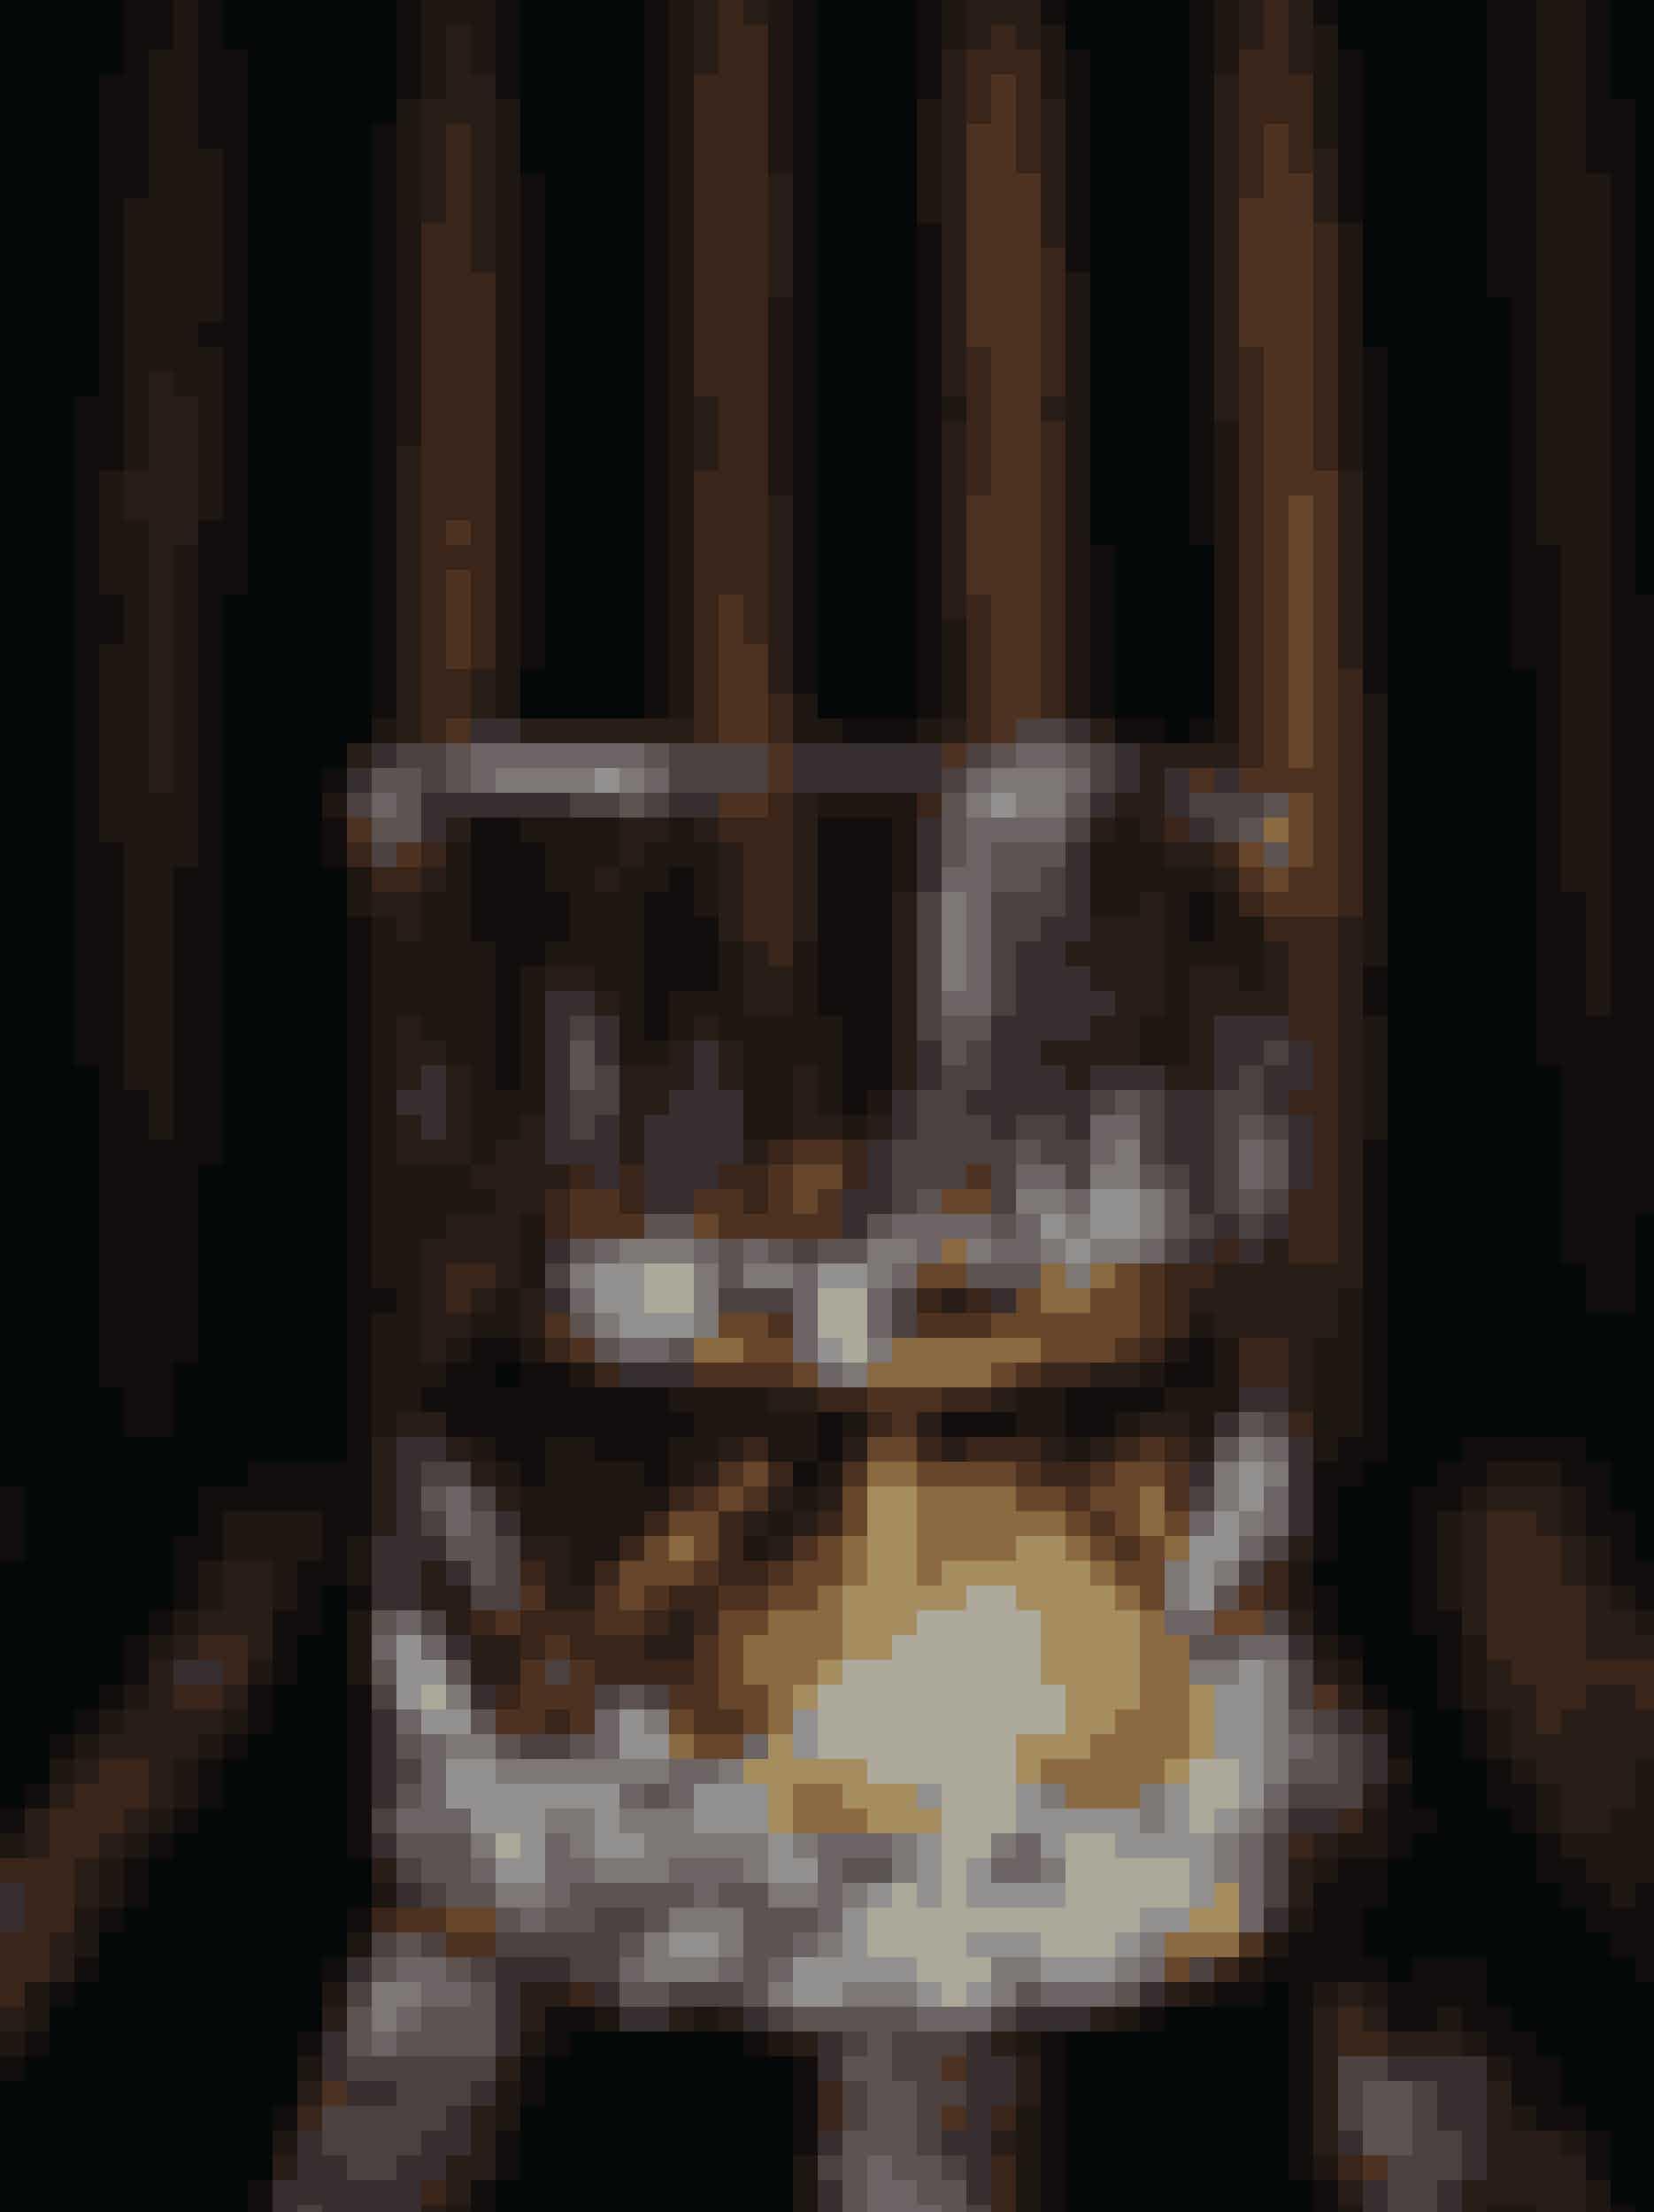 Kender du en, der altid ønsker sig en flaske god whisky eller god rom til jul, så er Den Danske Rom og Whiskyfestival måske et besøg værd for ham eller hende.Festivalen finder sted i Frederiks, der ligger mellem Viborg og Herning, og der er rig mulighed for at smage specielle varer – festivalen yder både på rom, whisky og gin, og der kan derudover tilkøbes ekstra smagsprøver. Producenterne er selv til stede på festivalen, så der er altid nogen at dele smagsoplevelsen med – om glassets indhold så smager af røg, tørv eller læder…Billetter kan tilkøbes via Ticketmaster.dk, og prisen på 375-450 kroner inkluderer adgang fra 15.00-20.00 med fri smagning på over 300 produkter, cocktailbar, salgsboder og – vigtigst af alt – bus hjem igen til Aarhus, Herning, Randers, Silkeborg eller Aalborg.